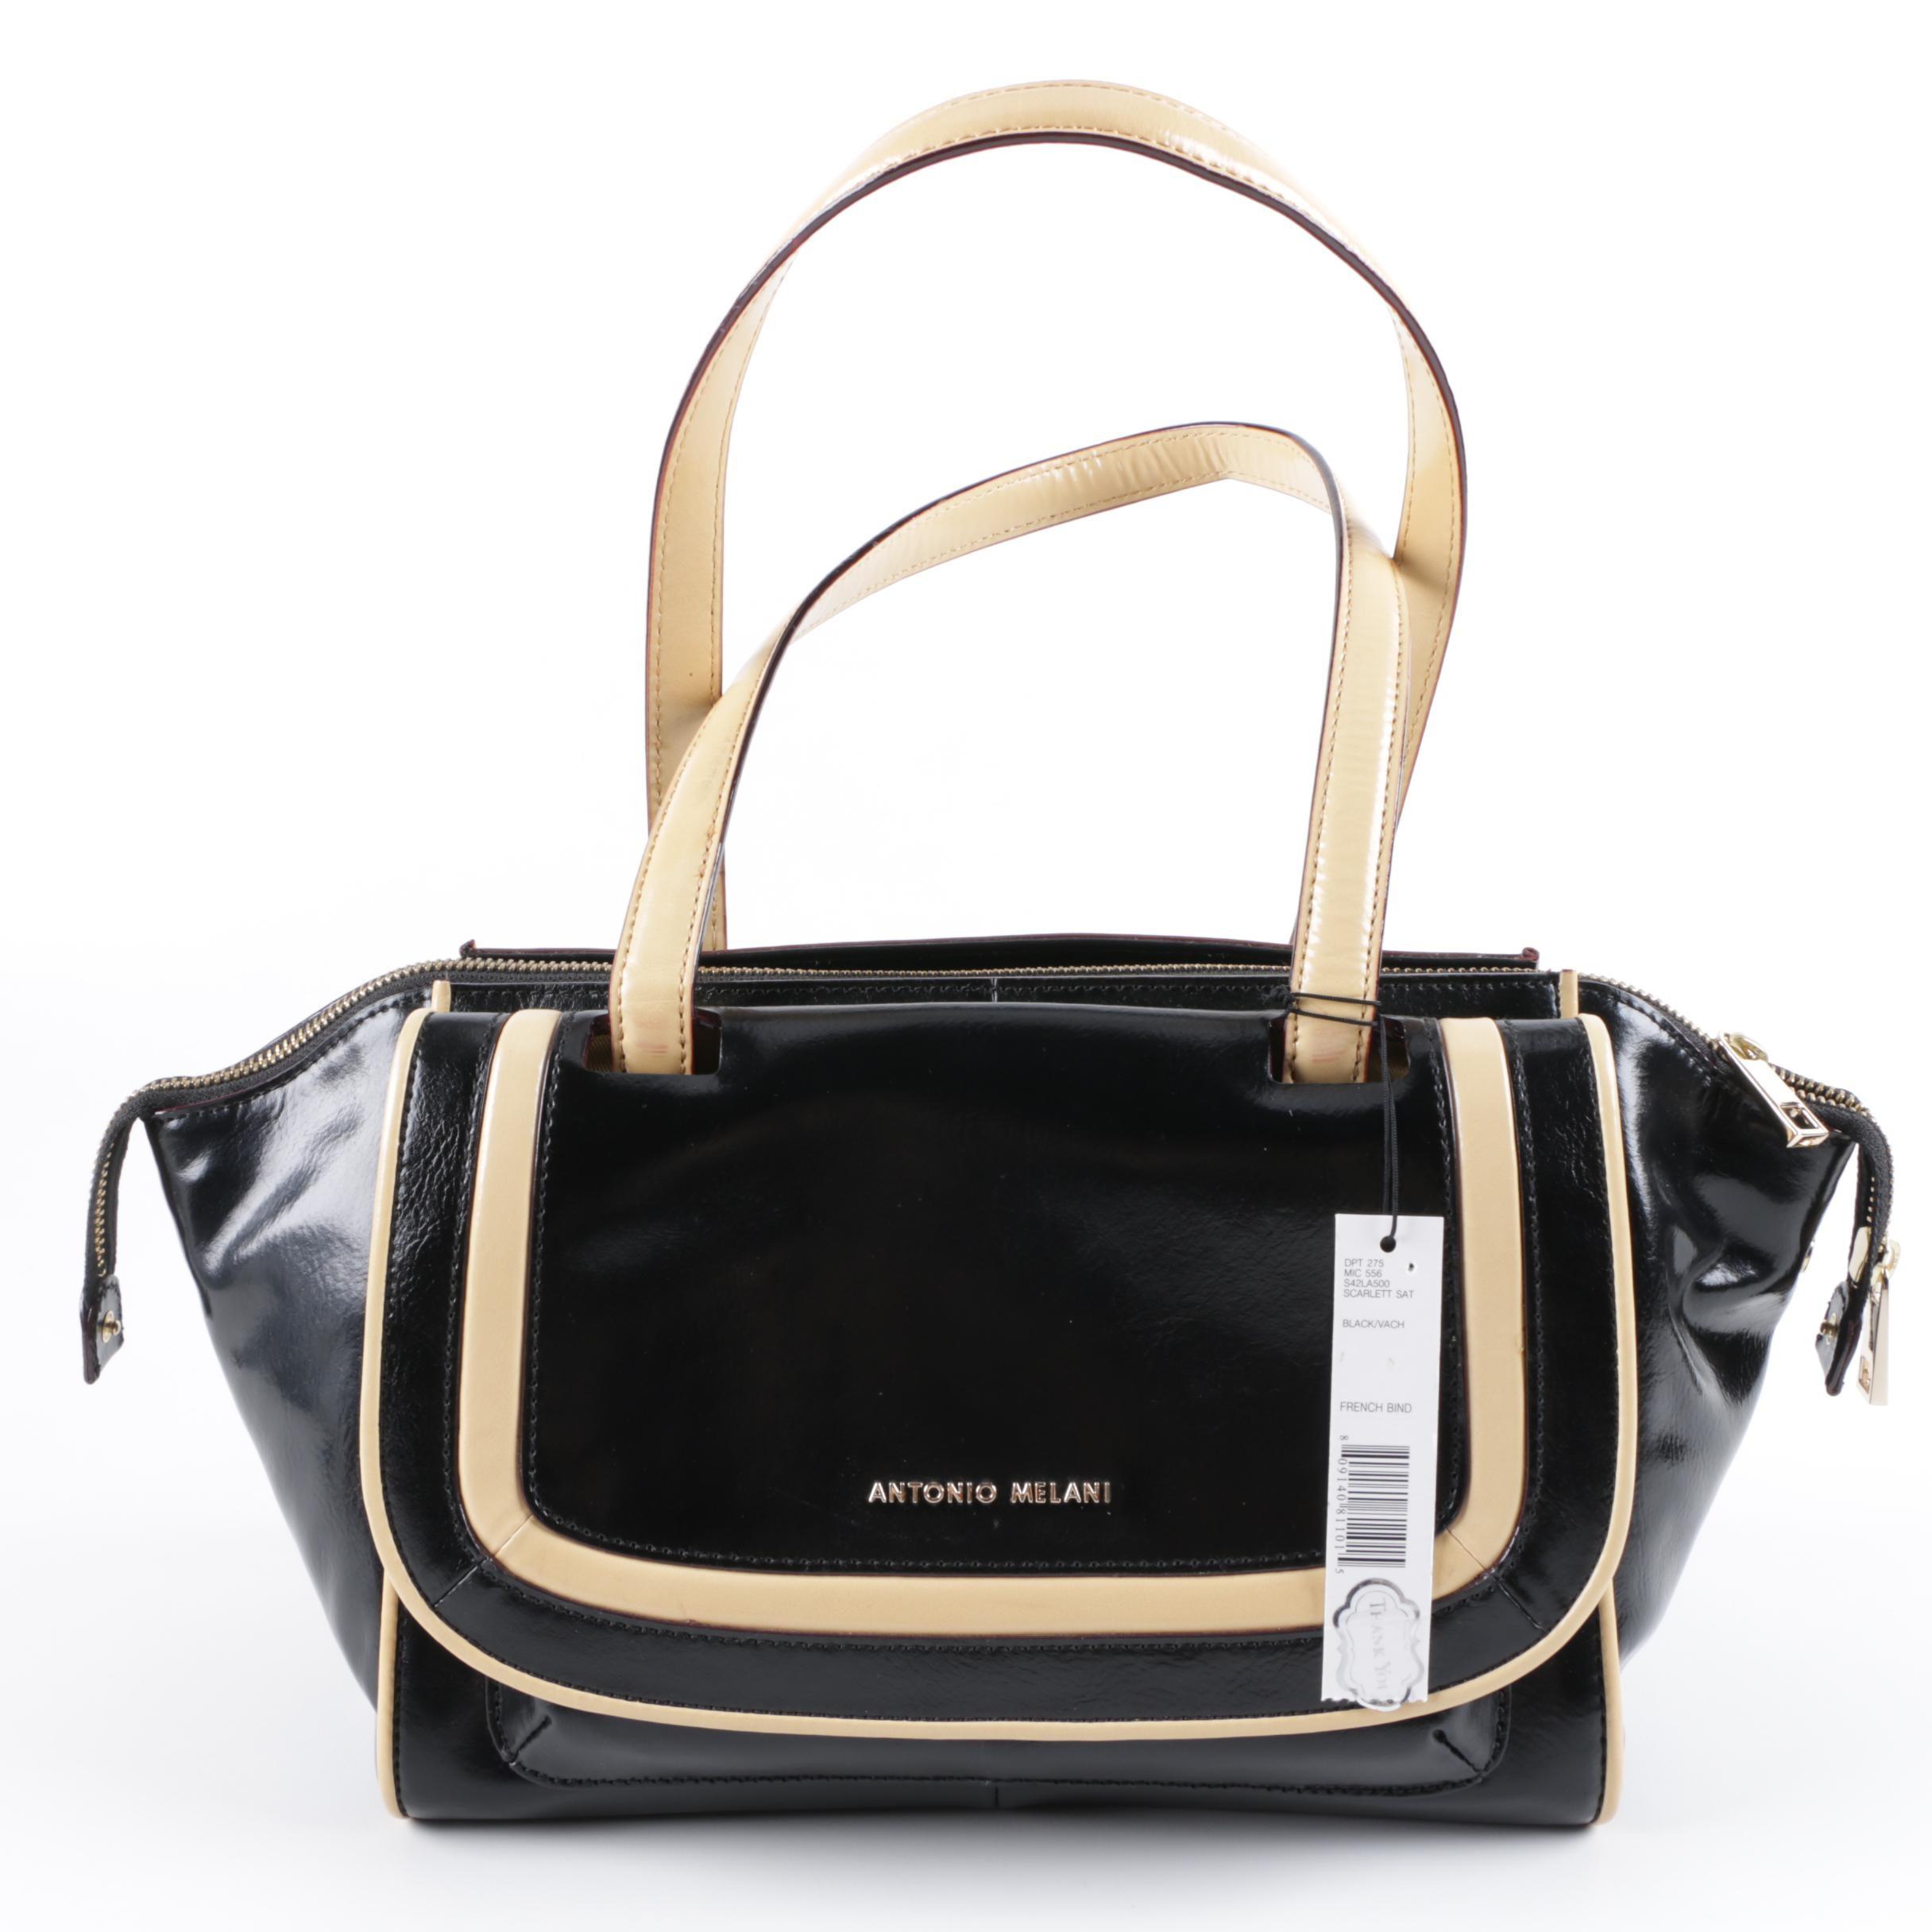 Antonio Melani Black Leather Handbag